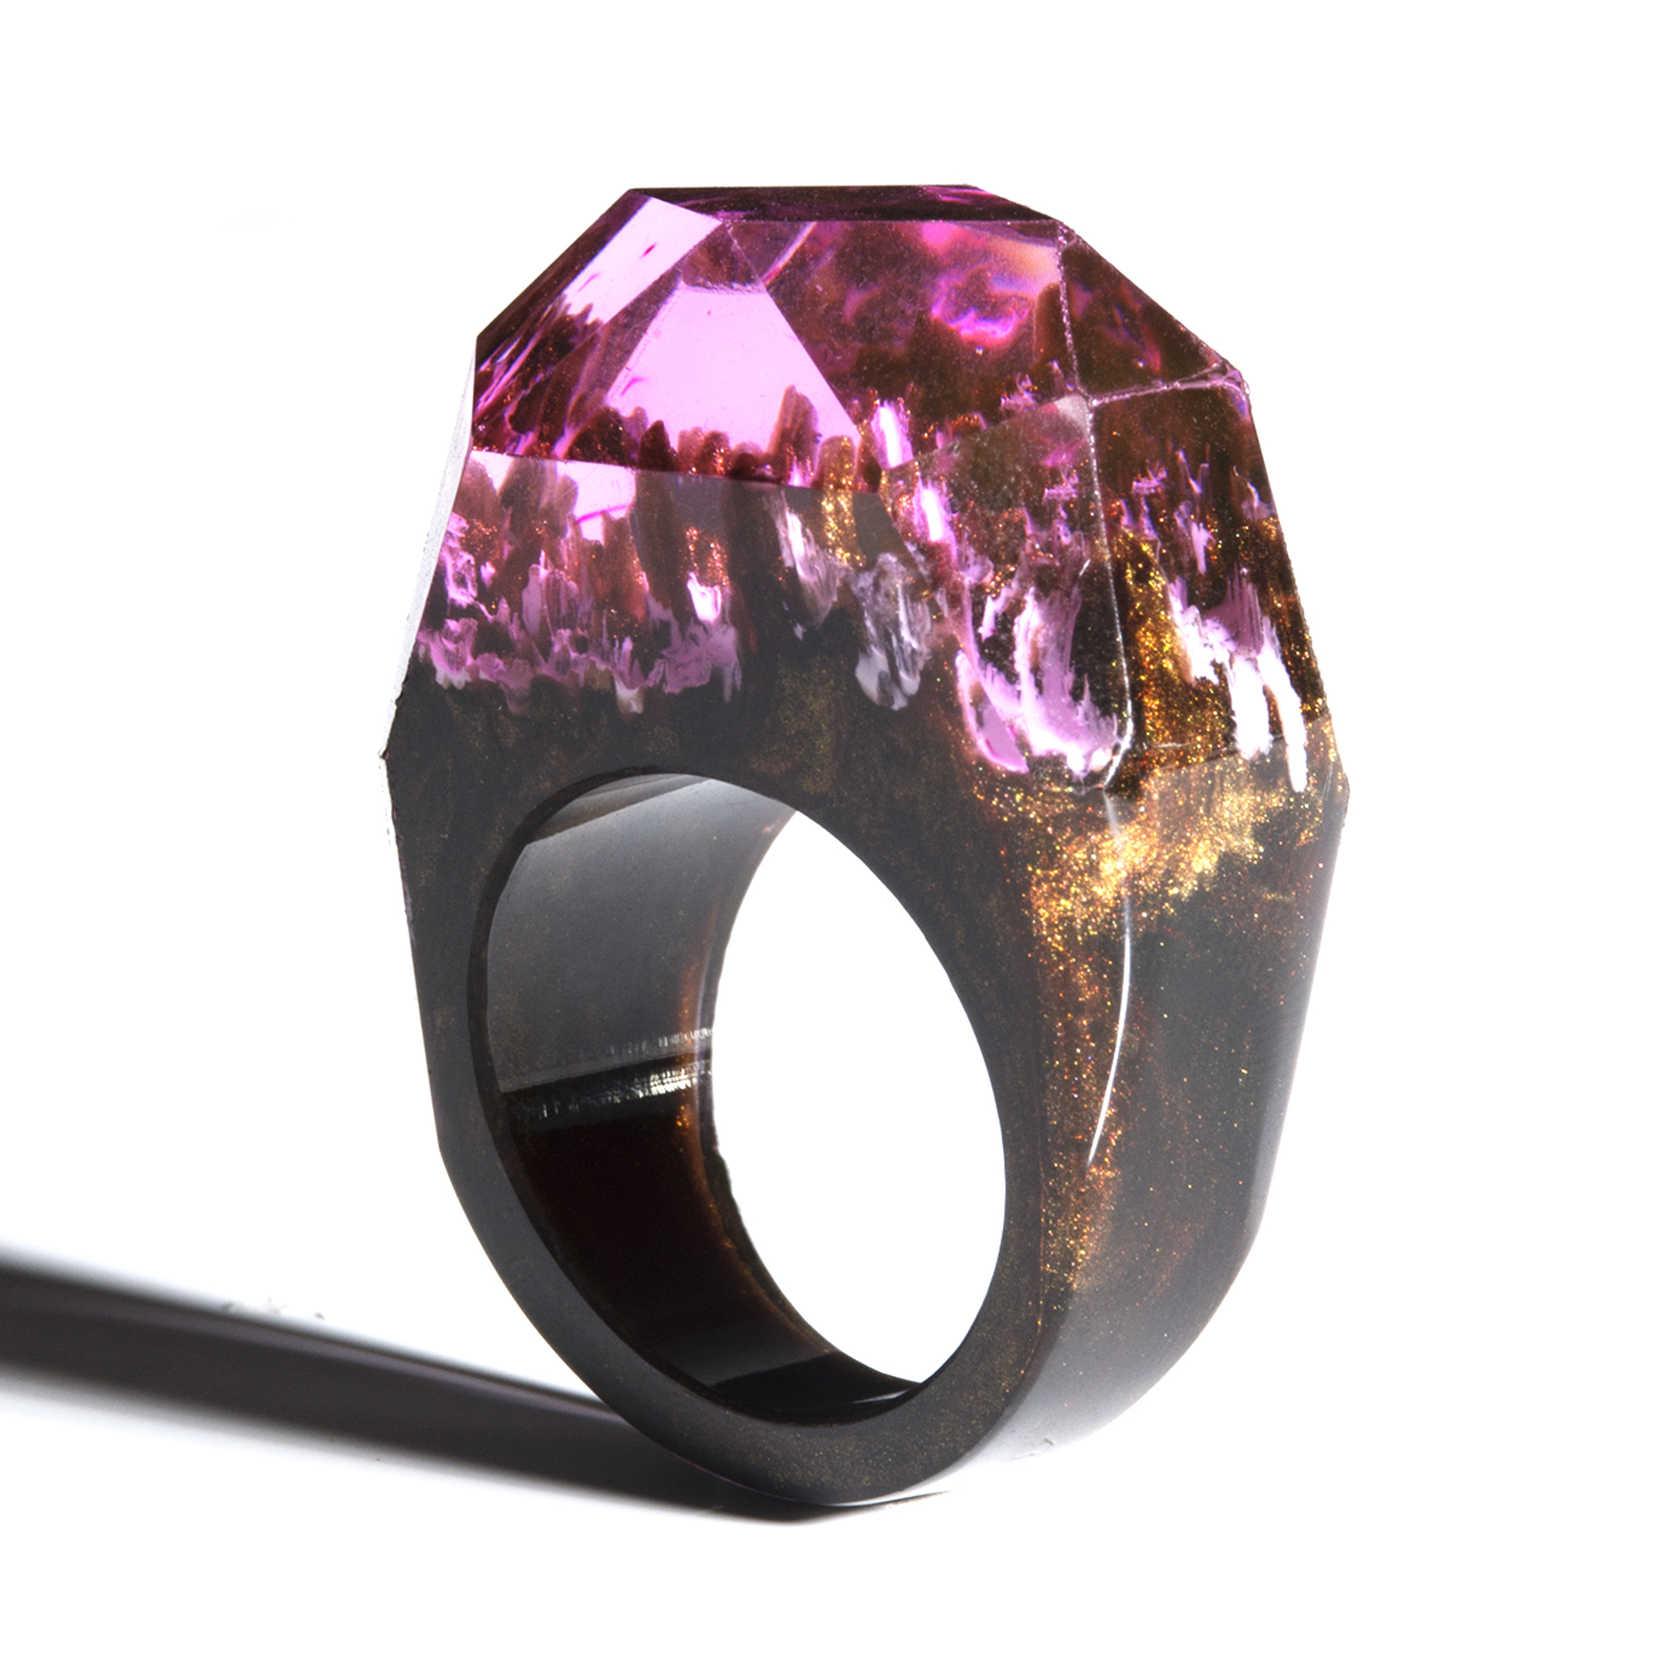 Ночное деревянное кольцо из смолы эко эпоксидные украшения из зеленого дерева тайна магического мира в крошечном пейзаже